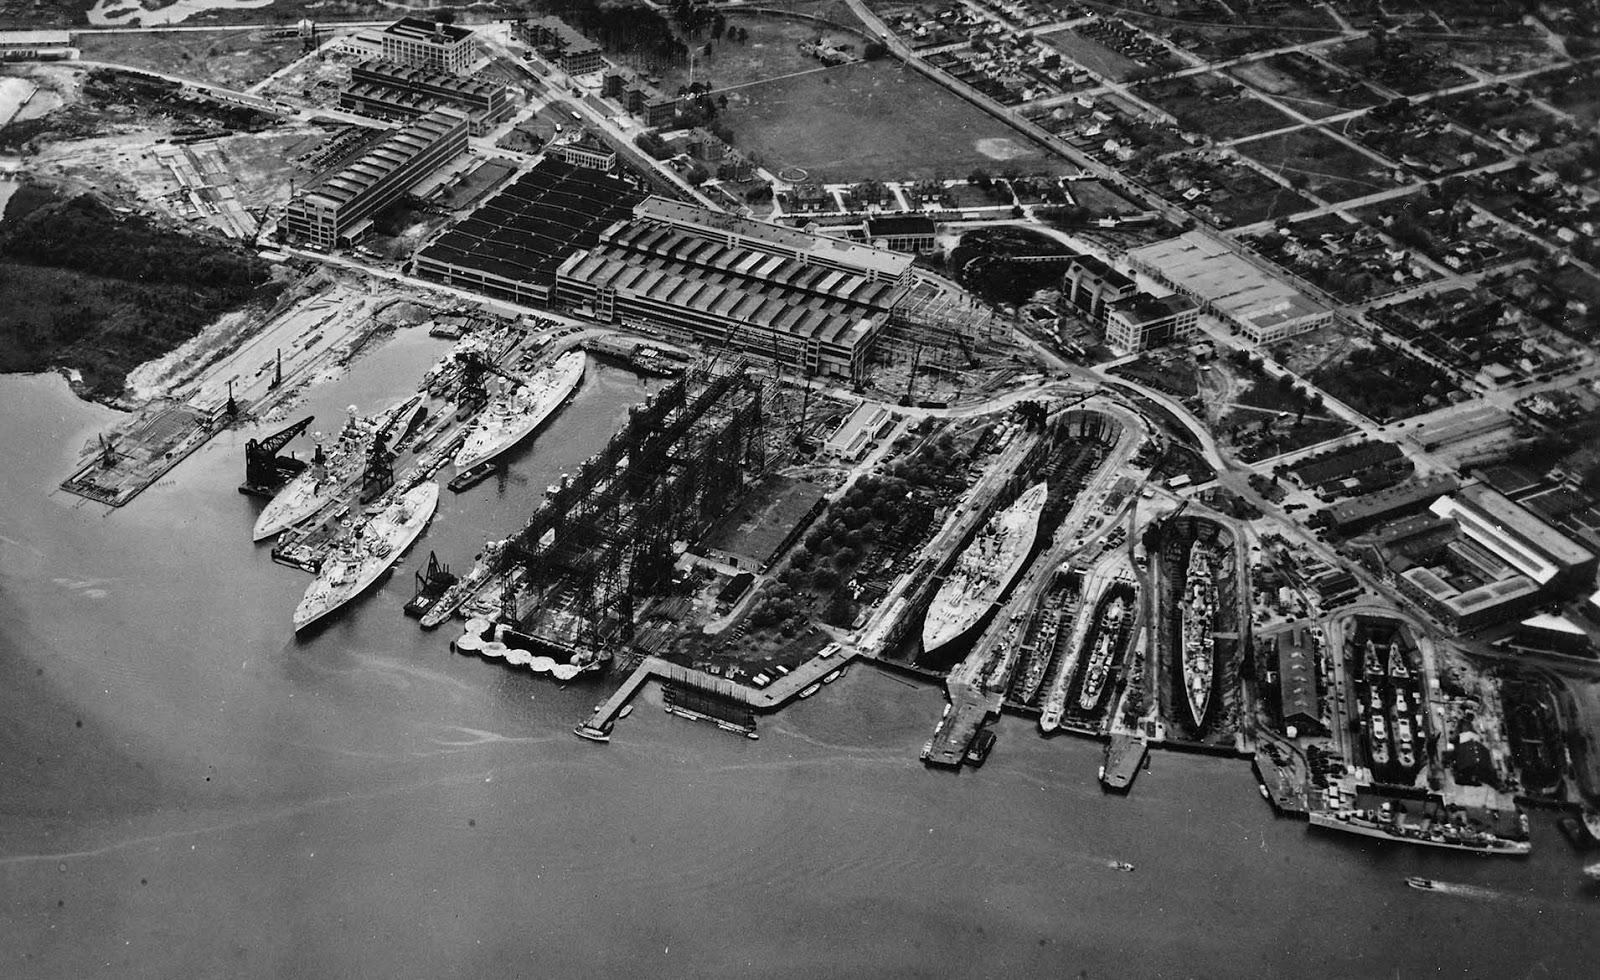 Hampton Roads Naval Museum: Before the Pearl Harbor Attack